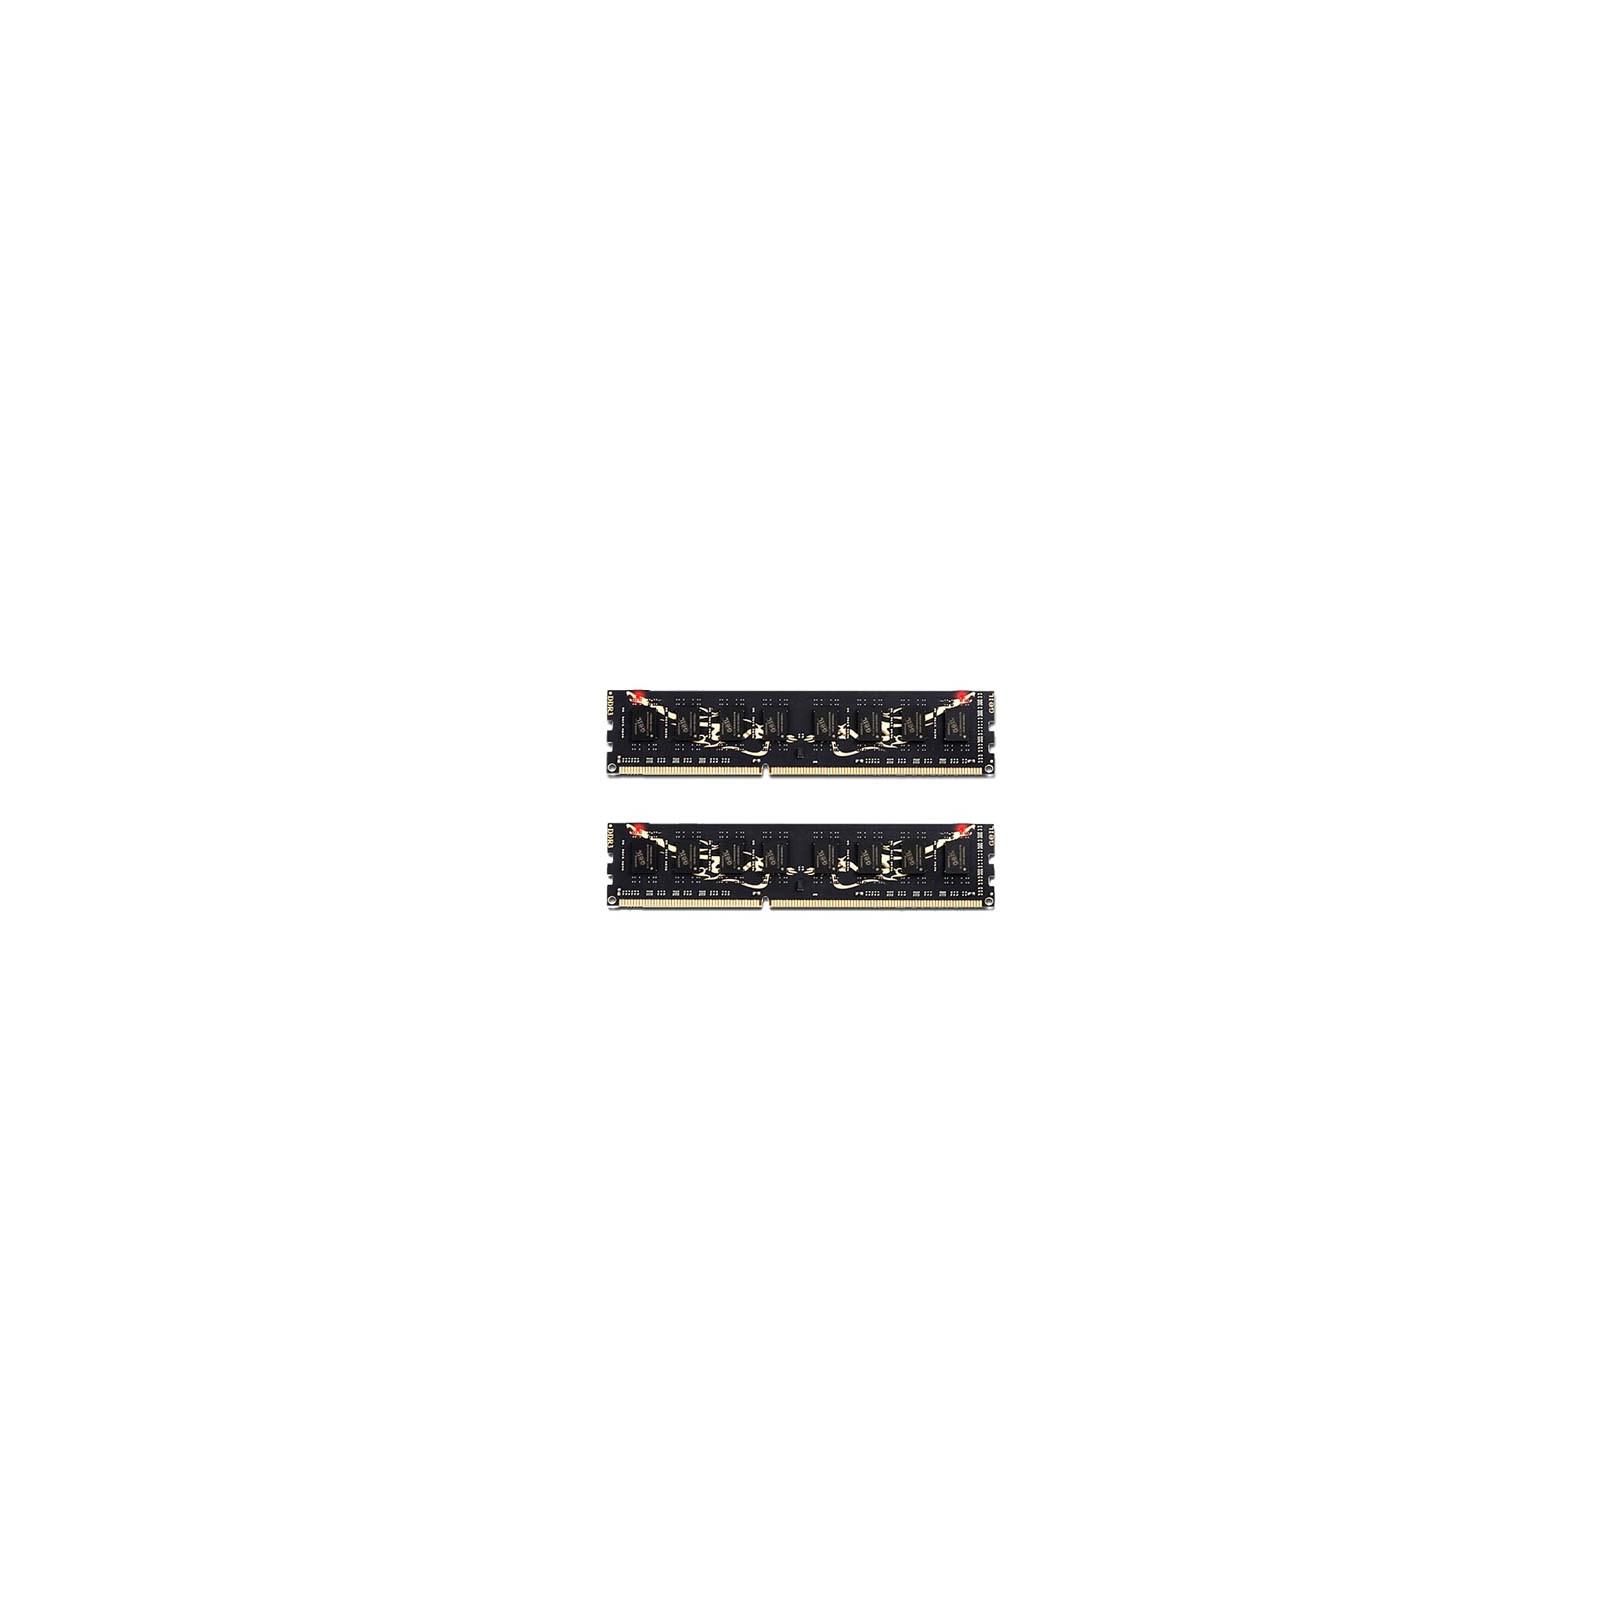 Модуль памяти для компьютера DDR3 8GB (2x4GB) 2133 MHz GEIL (GB38GB2133C10ADC)